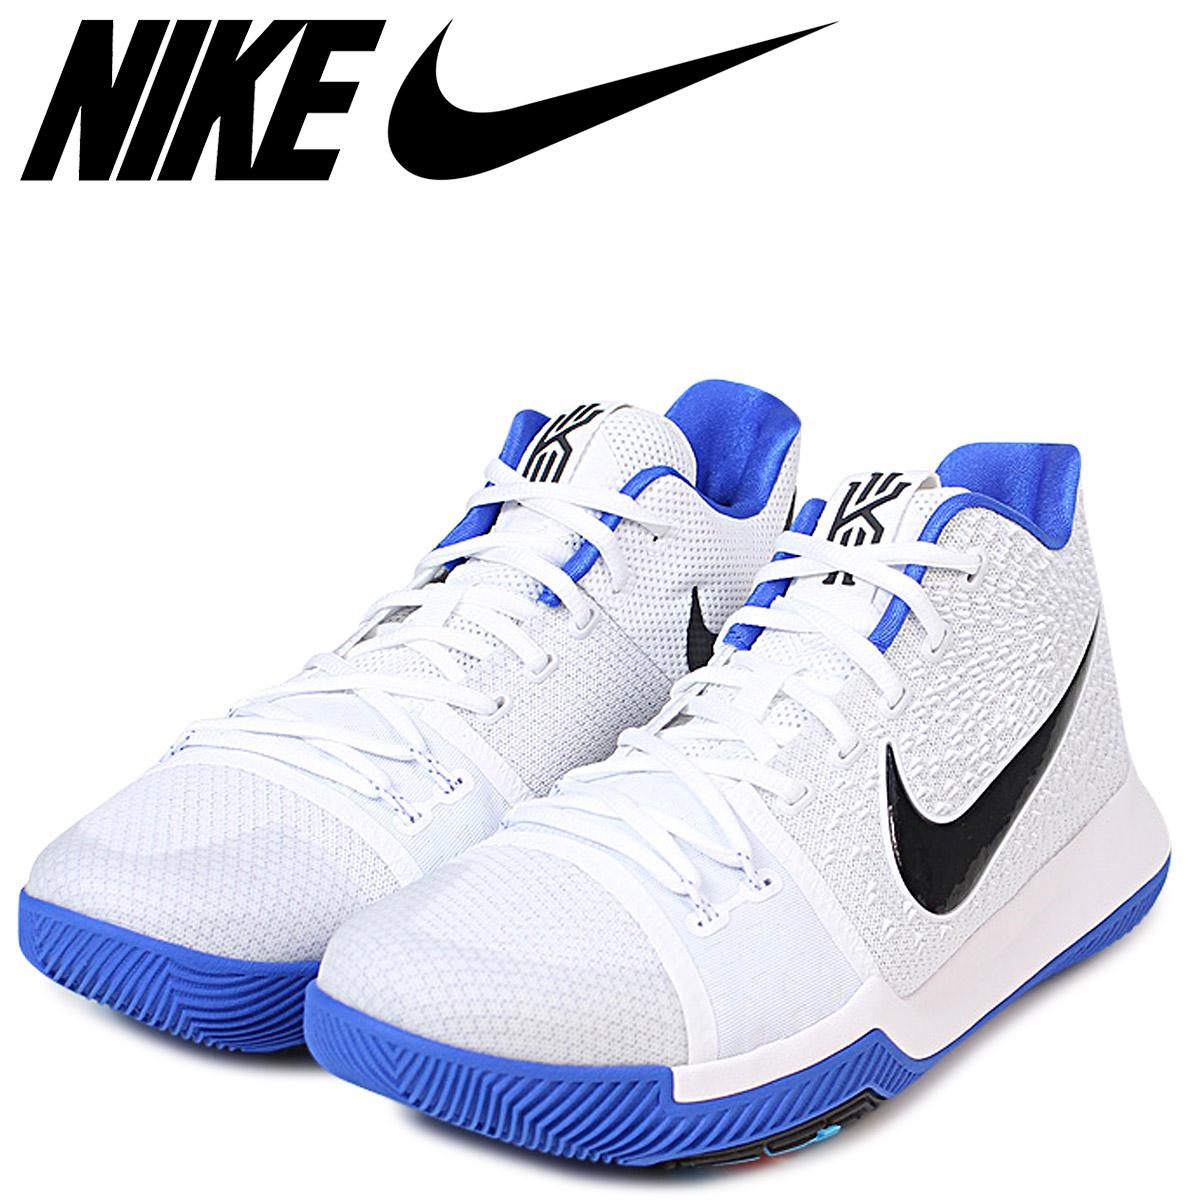 buy popular 9d93b 8276b NIKE Nike chi Lee 3 chi Lee sneakers KYRIE 3 EP men 852,396-102 duke DUKE  white white